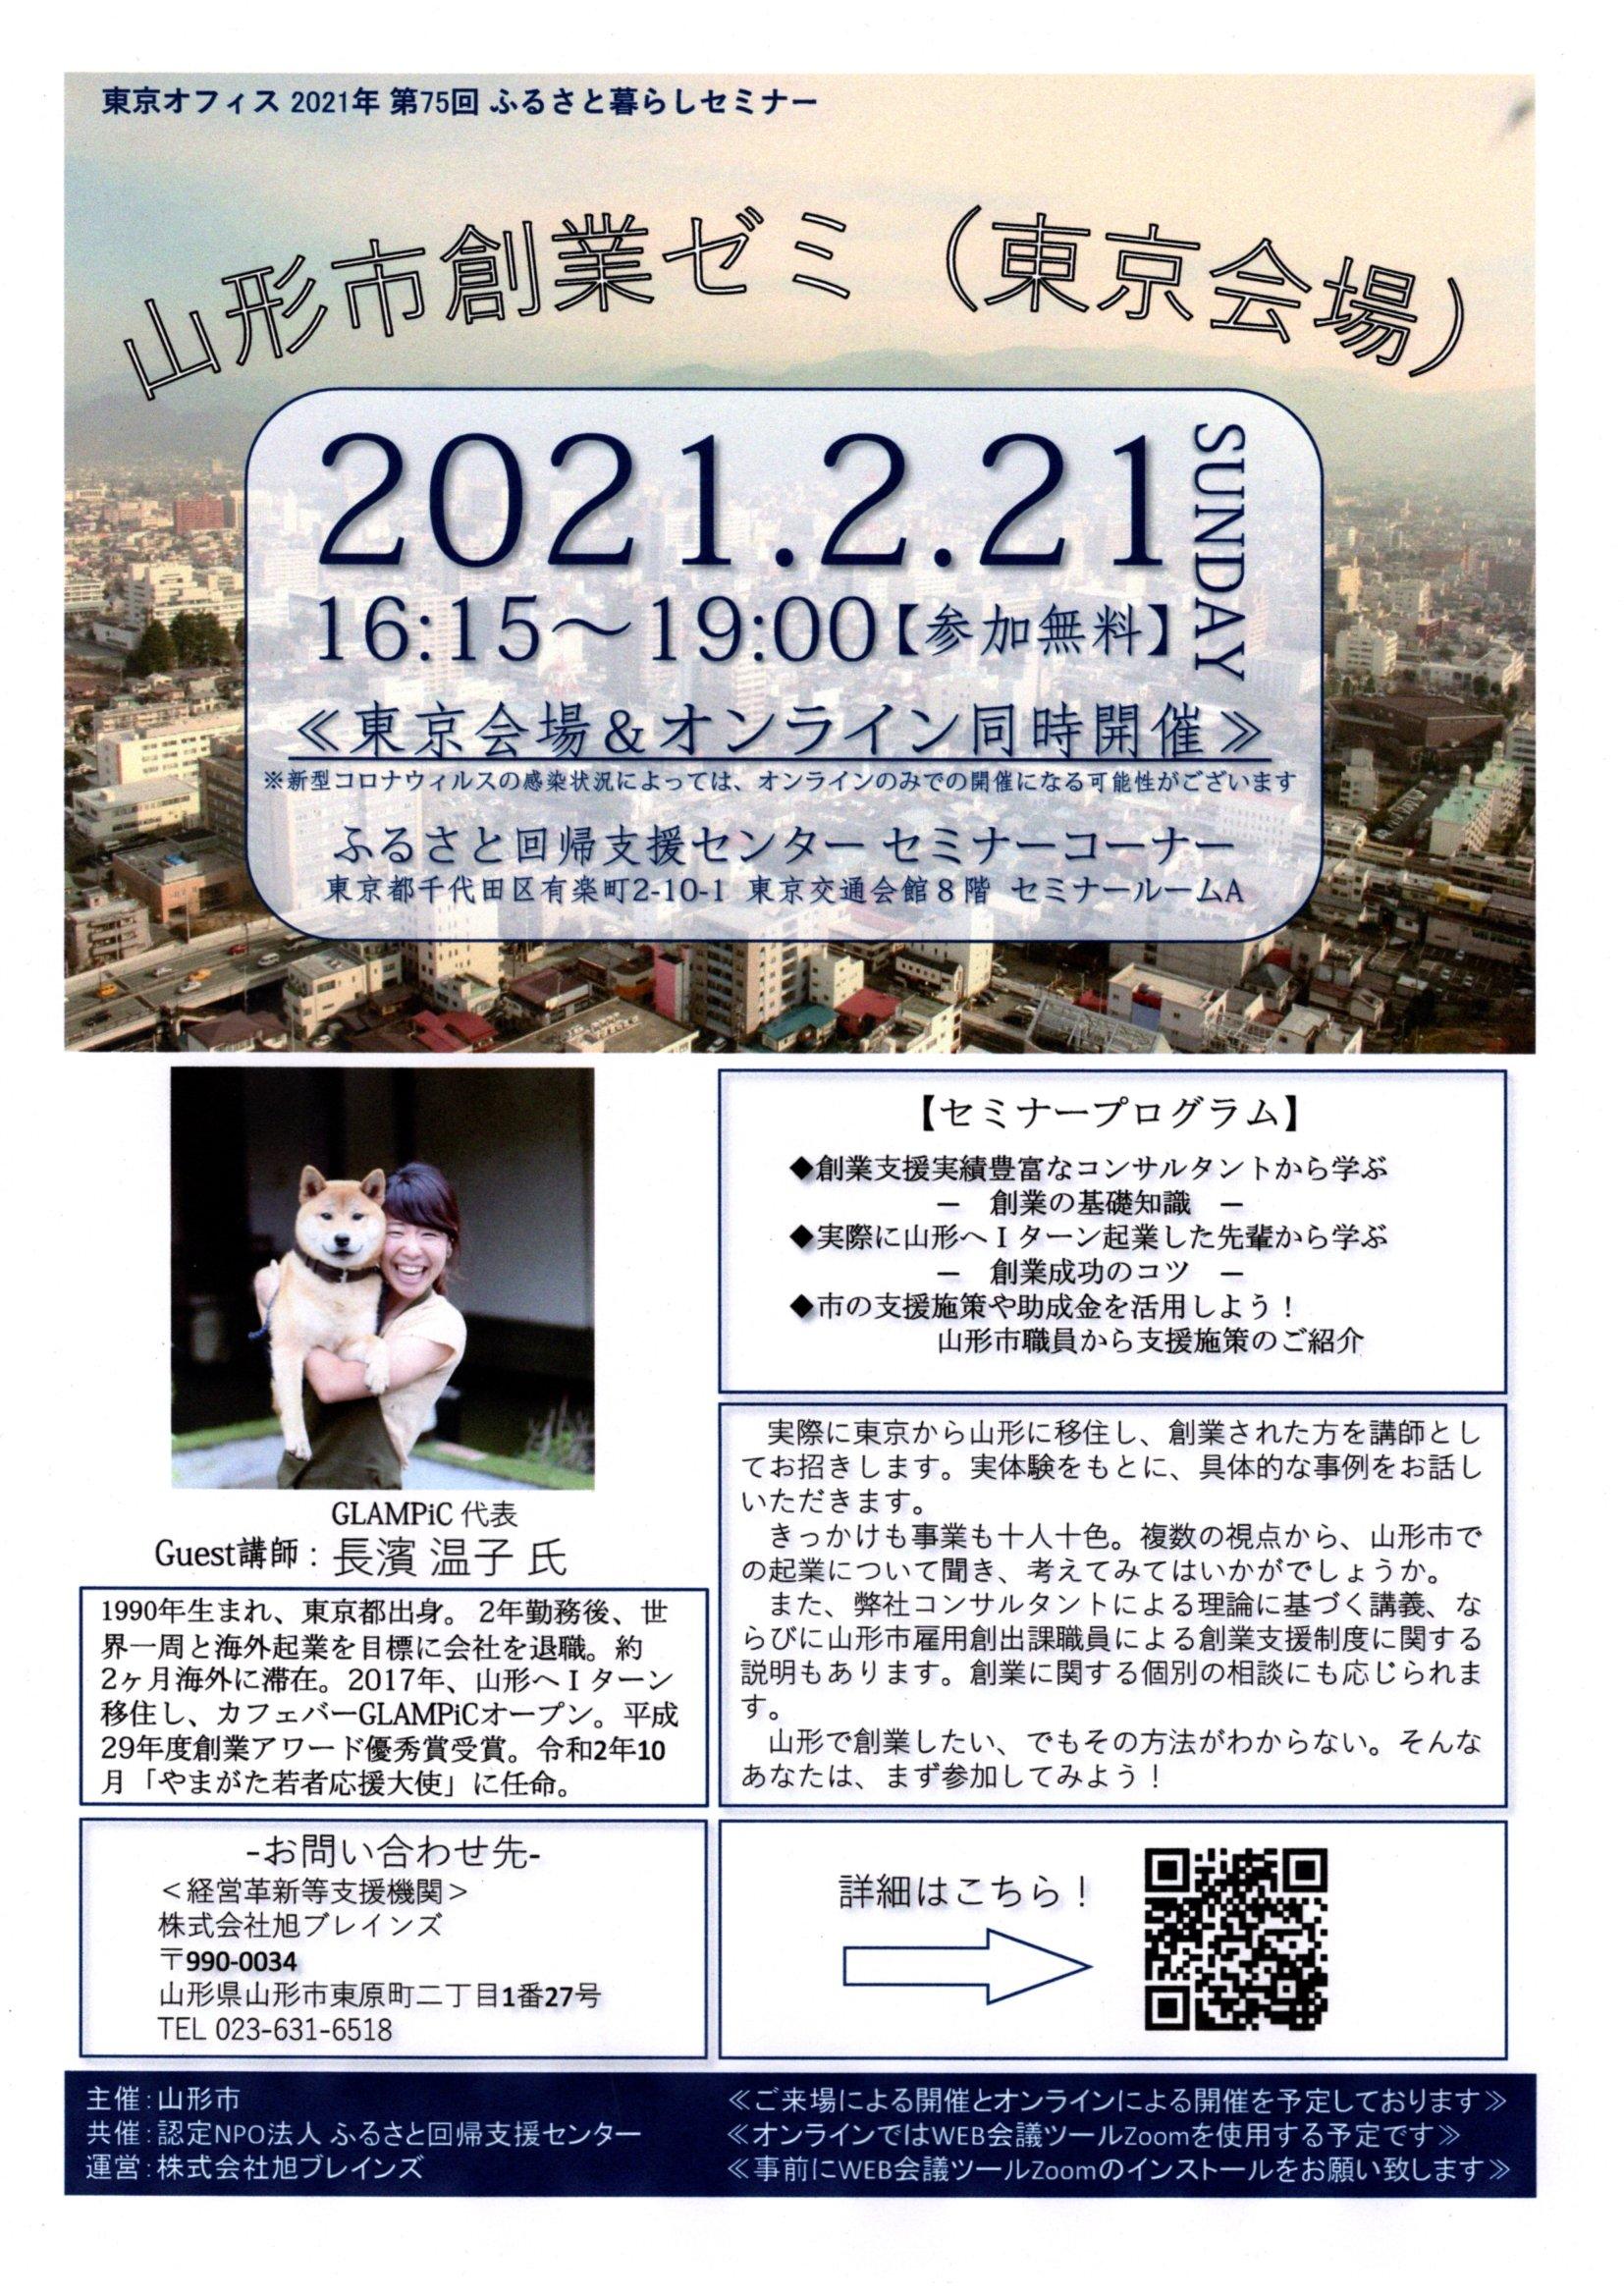 山形市創業ゼミ(東京会場)2021.2.21 /ゲスト:GLANPiC 長濱温子さん